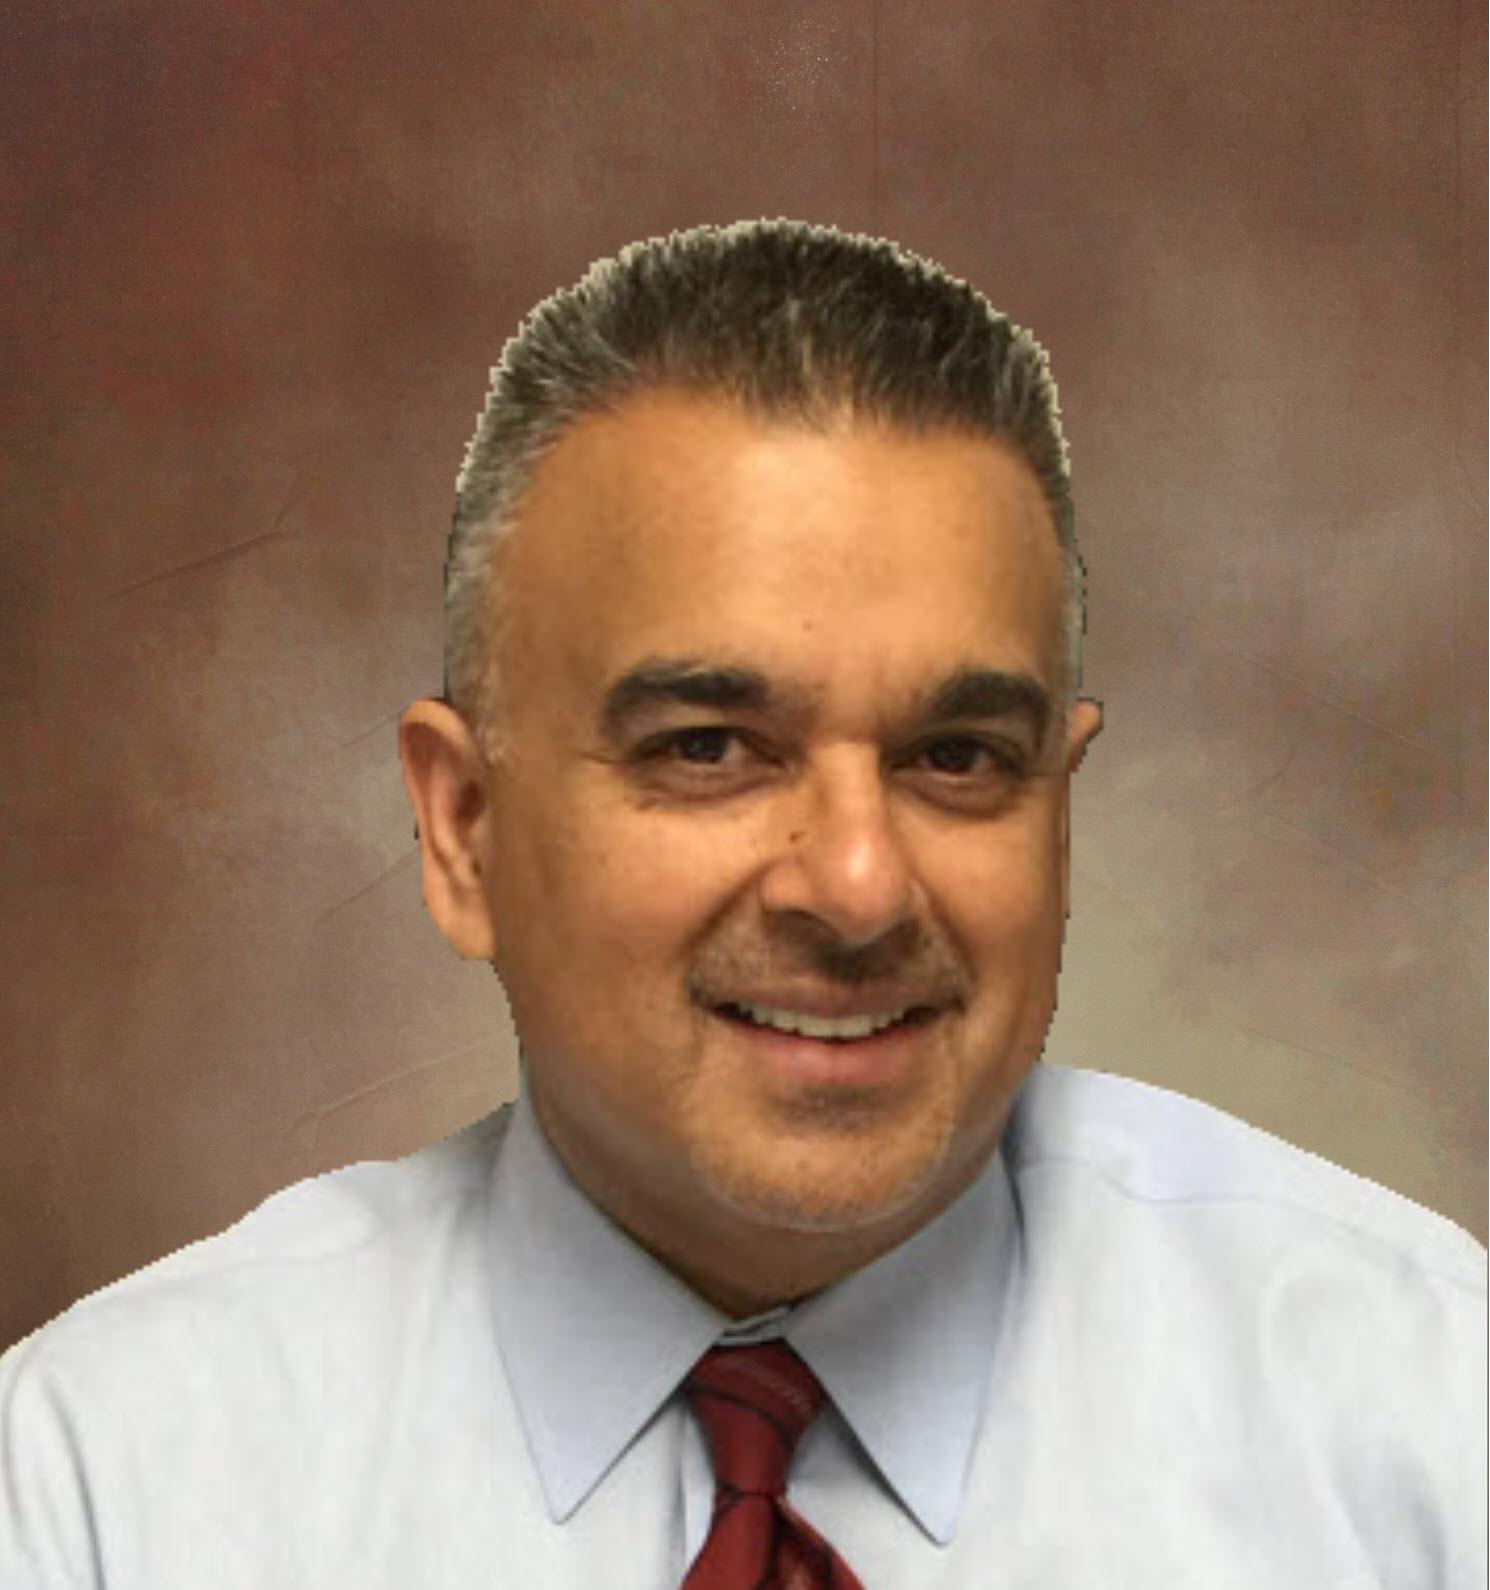 Zain Haroon